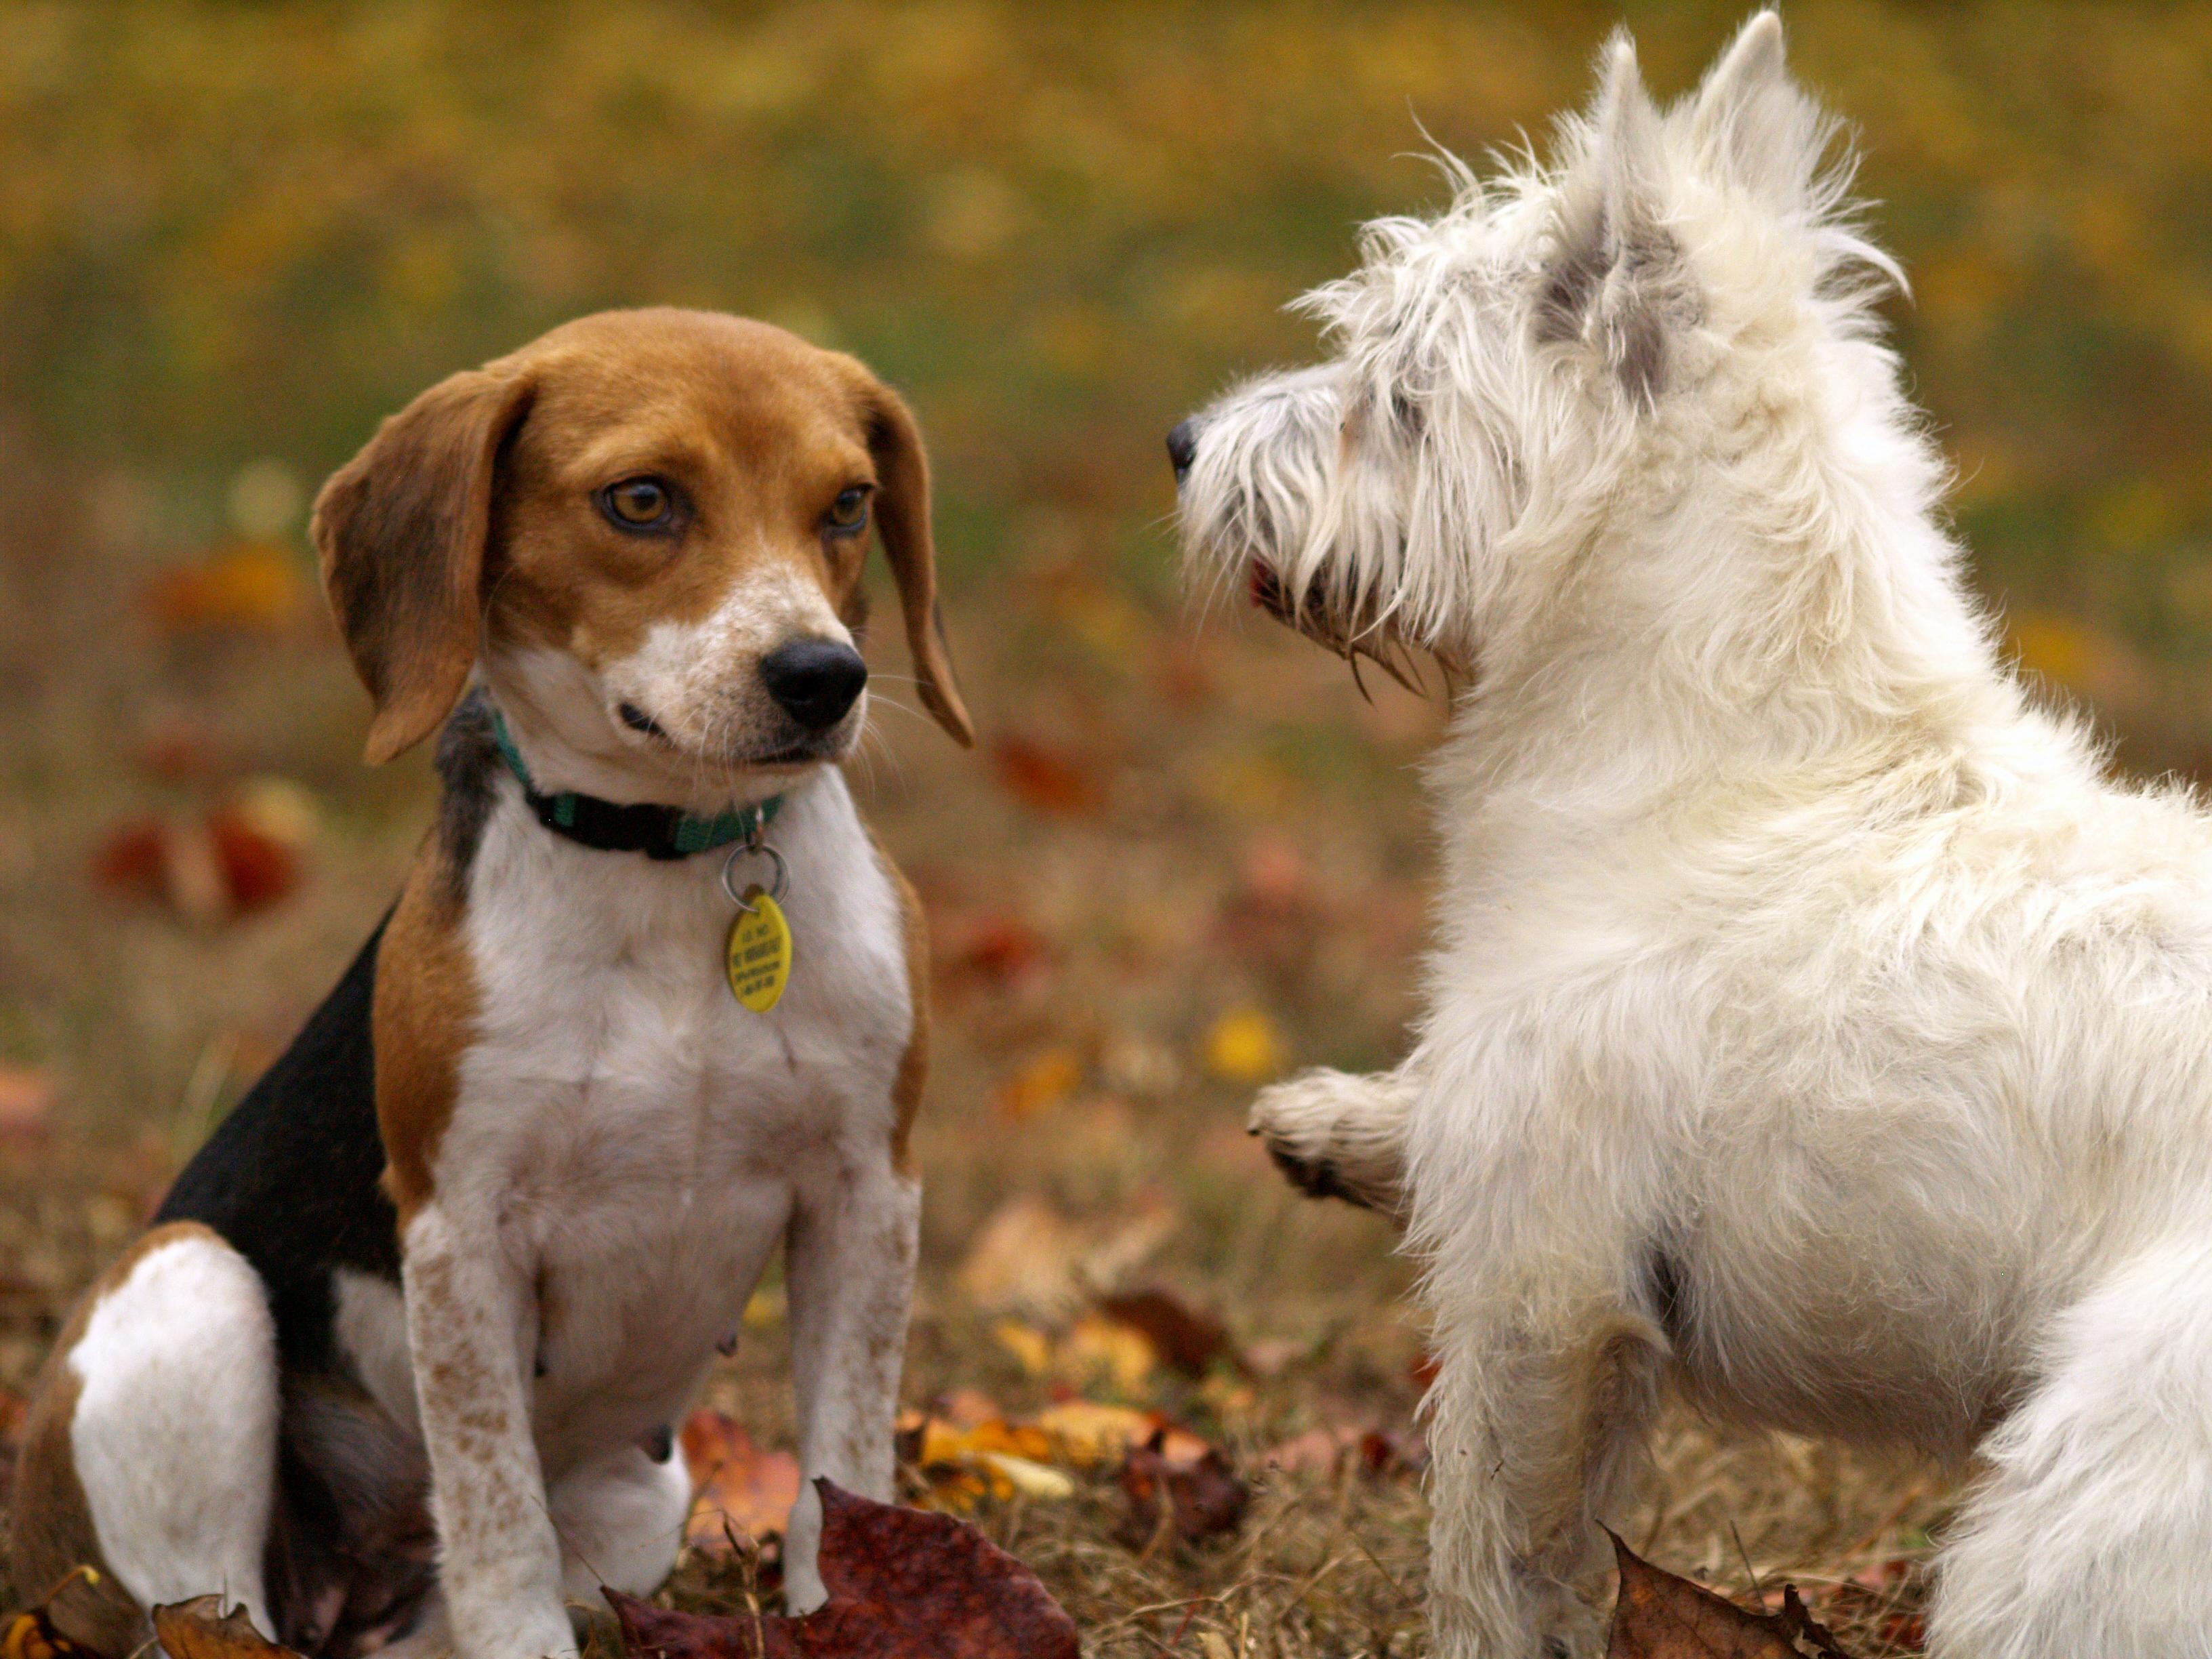 due cani interagiscono amichevolmente all'aperto